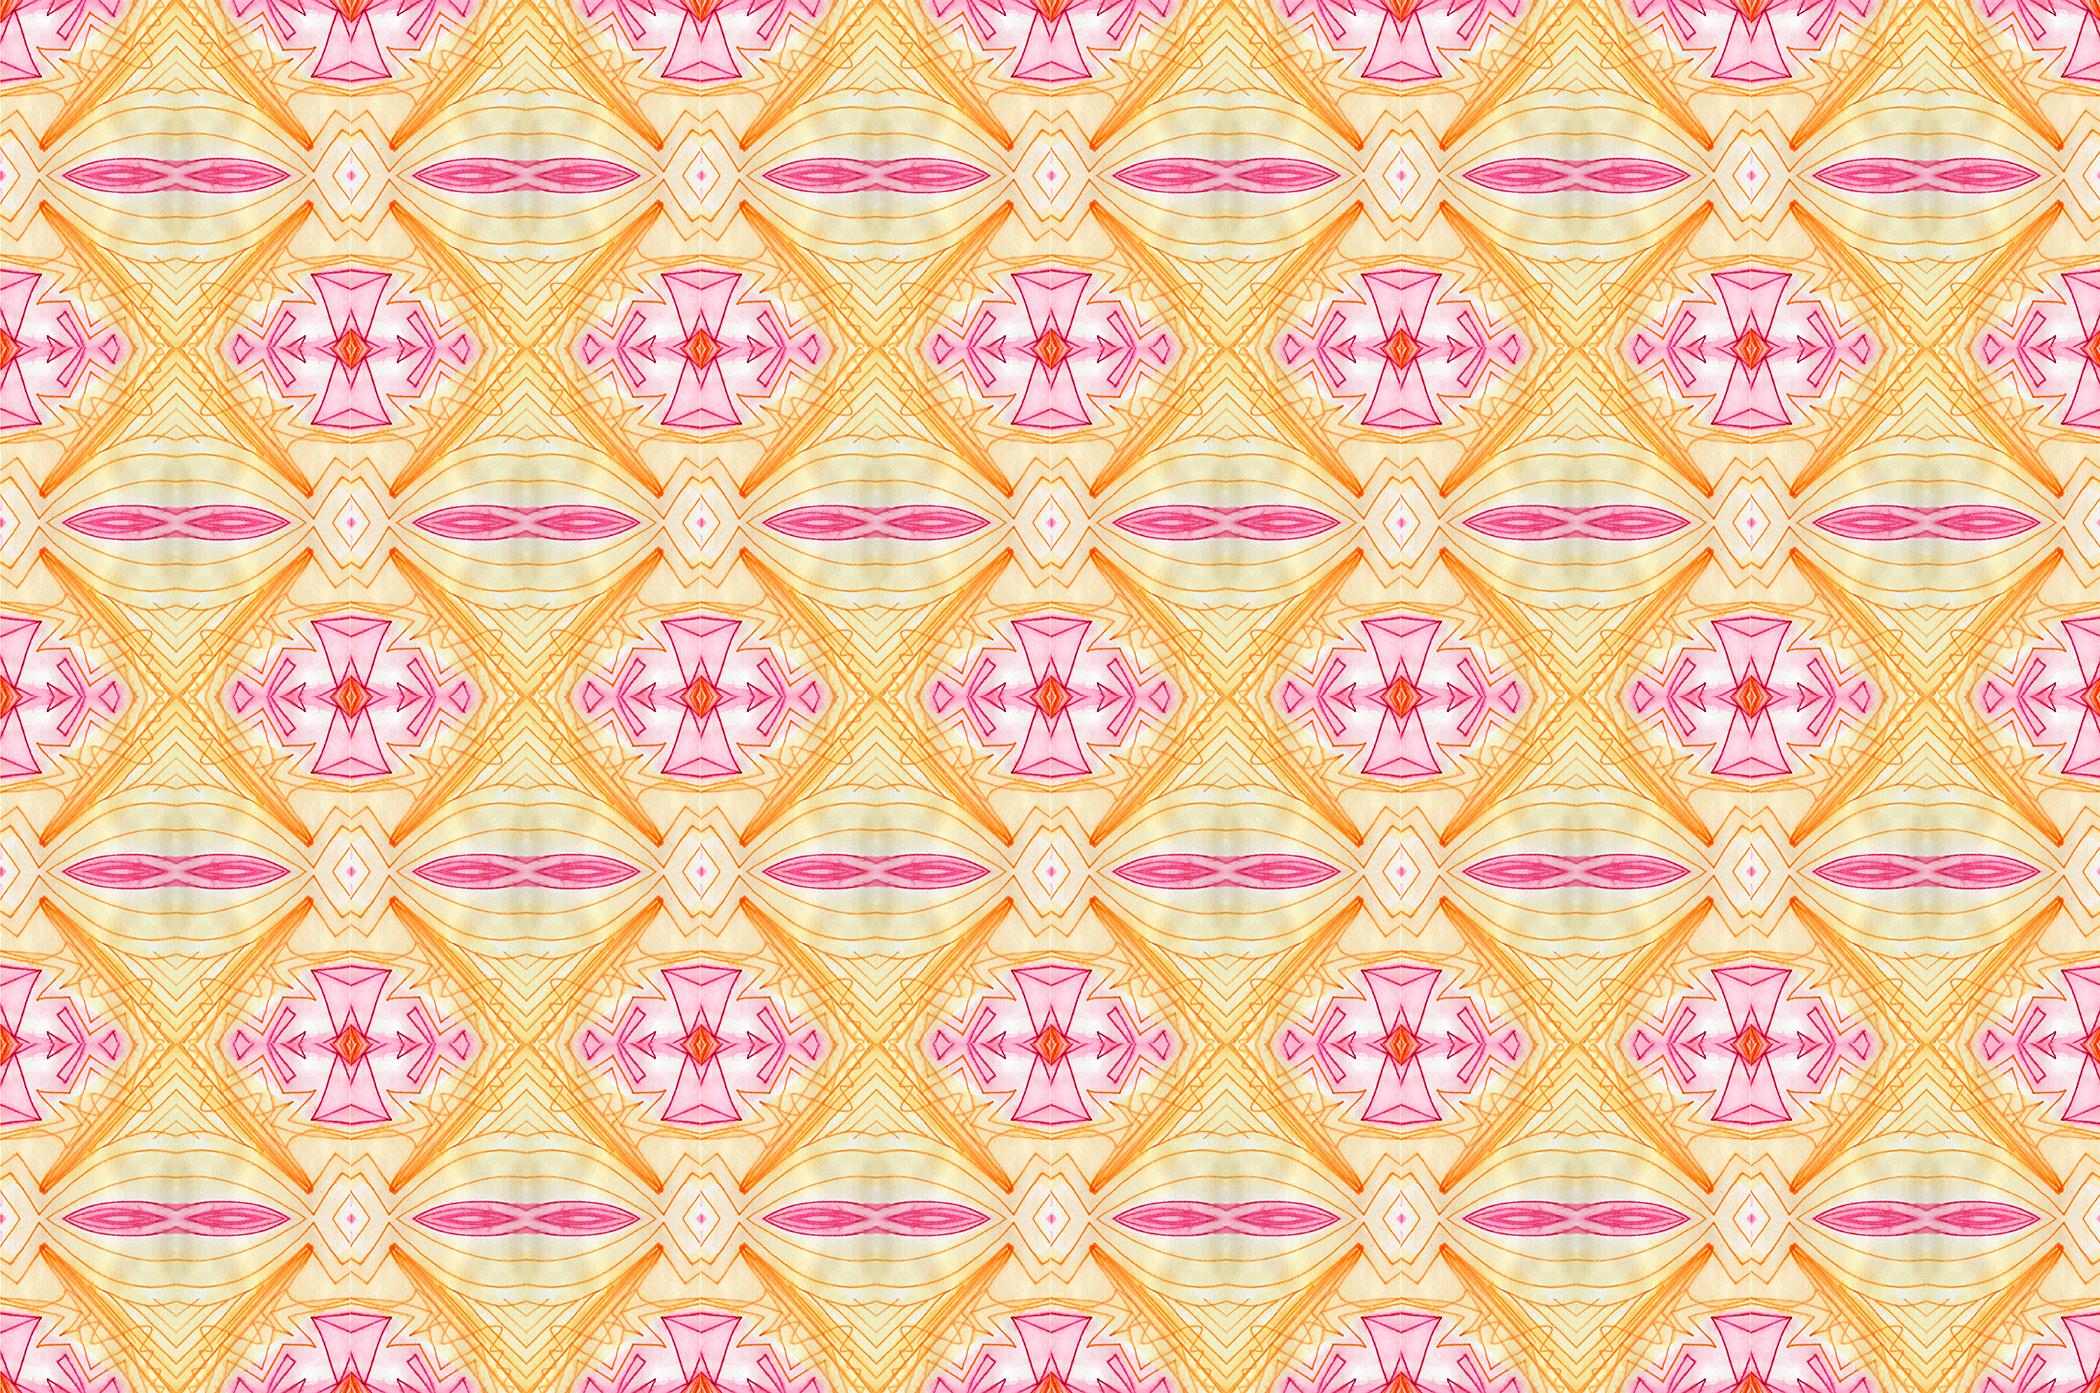 Classy_Wallpaper4_Sm.jpg